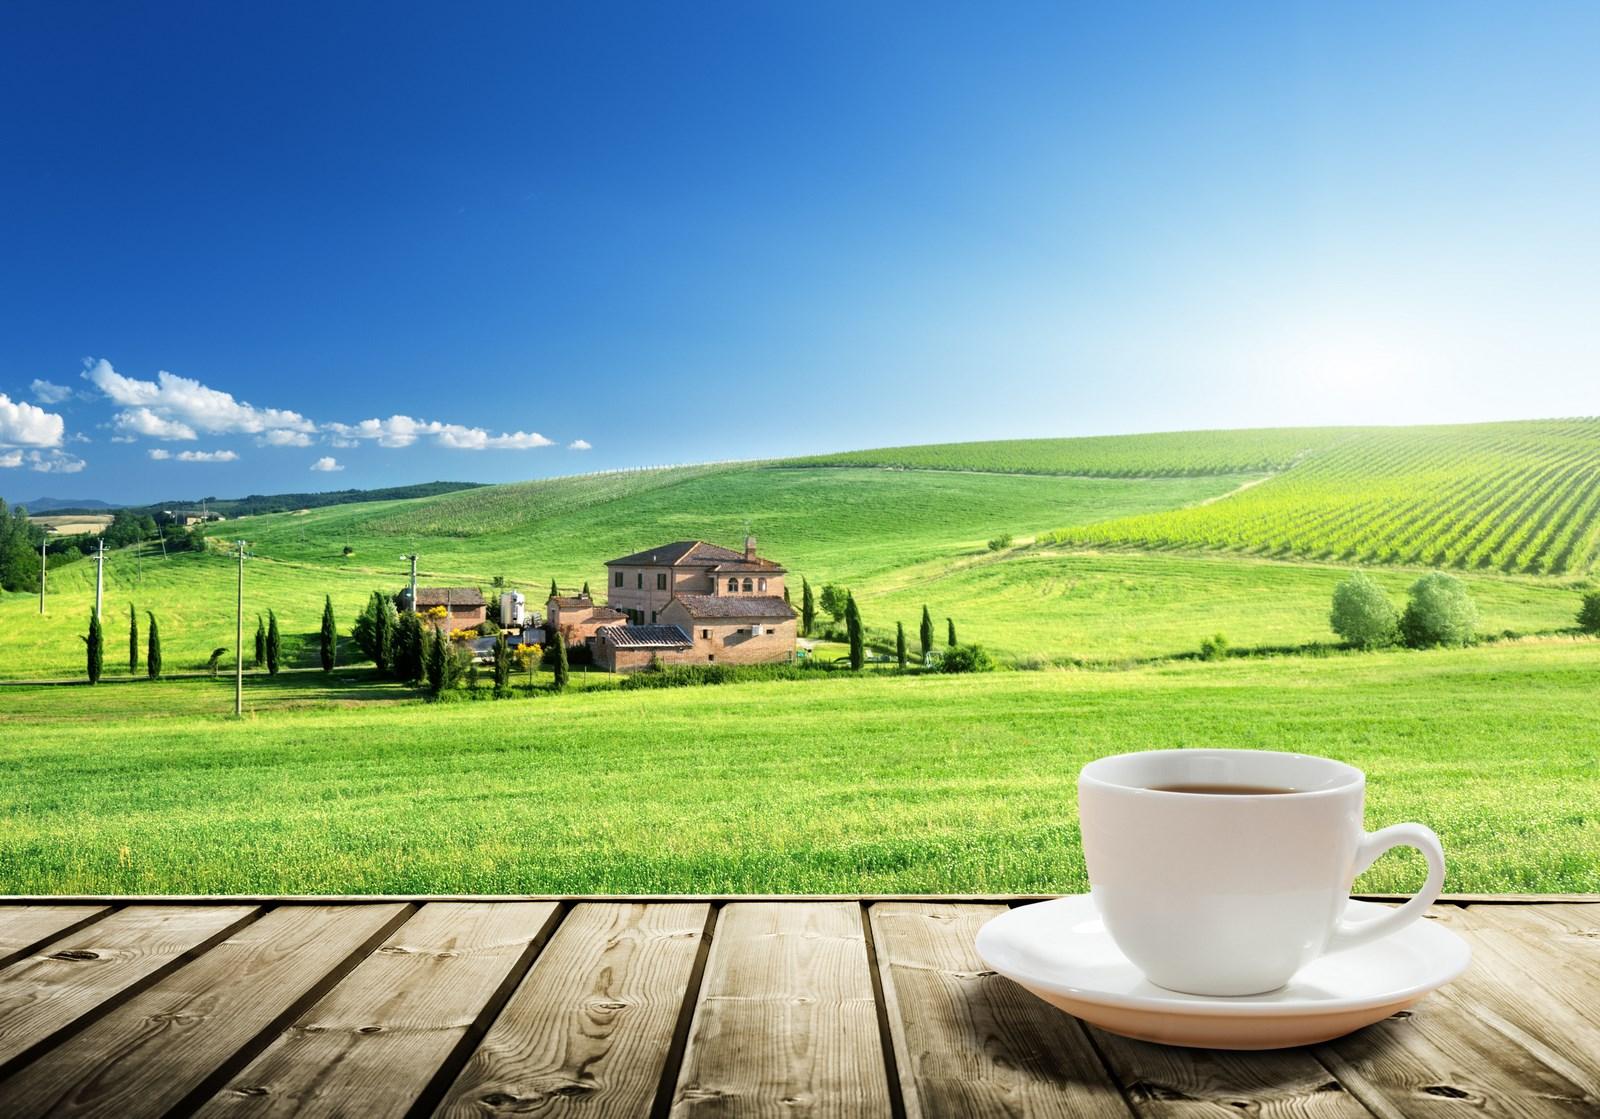 Italy's pick-me-up - espresso